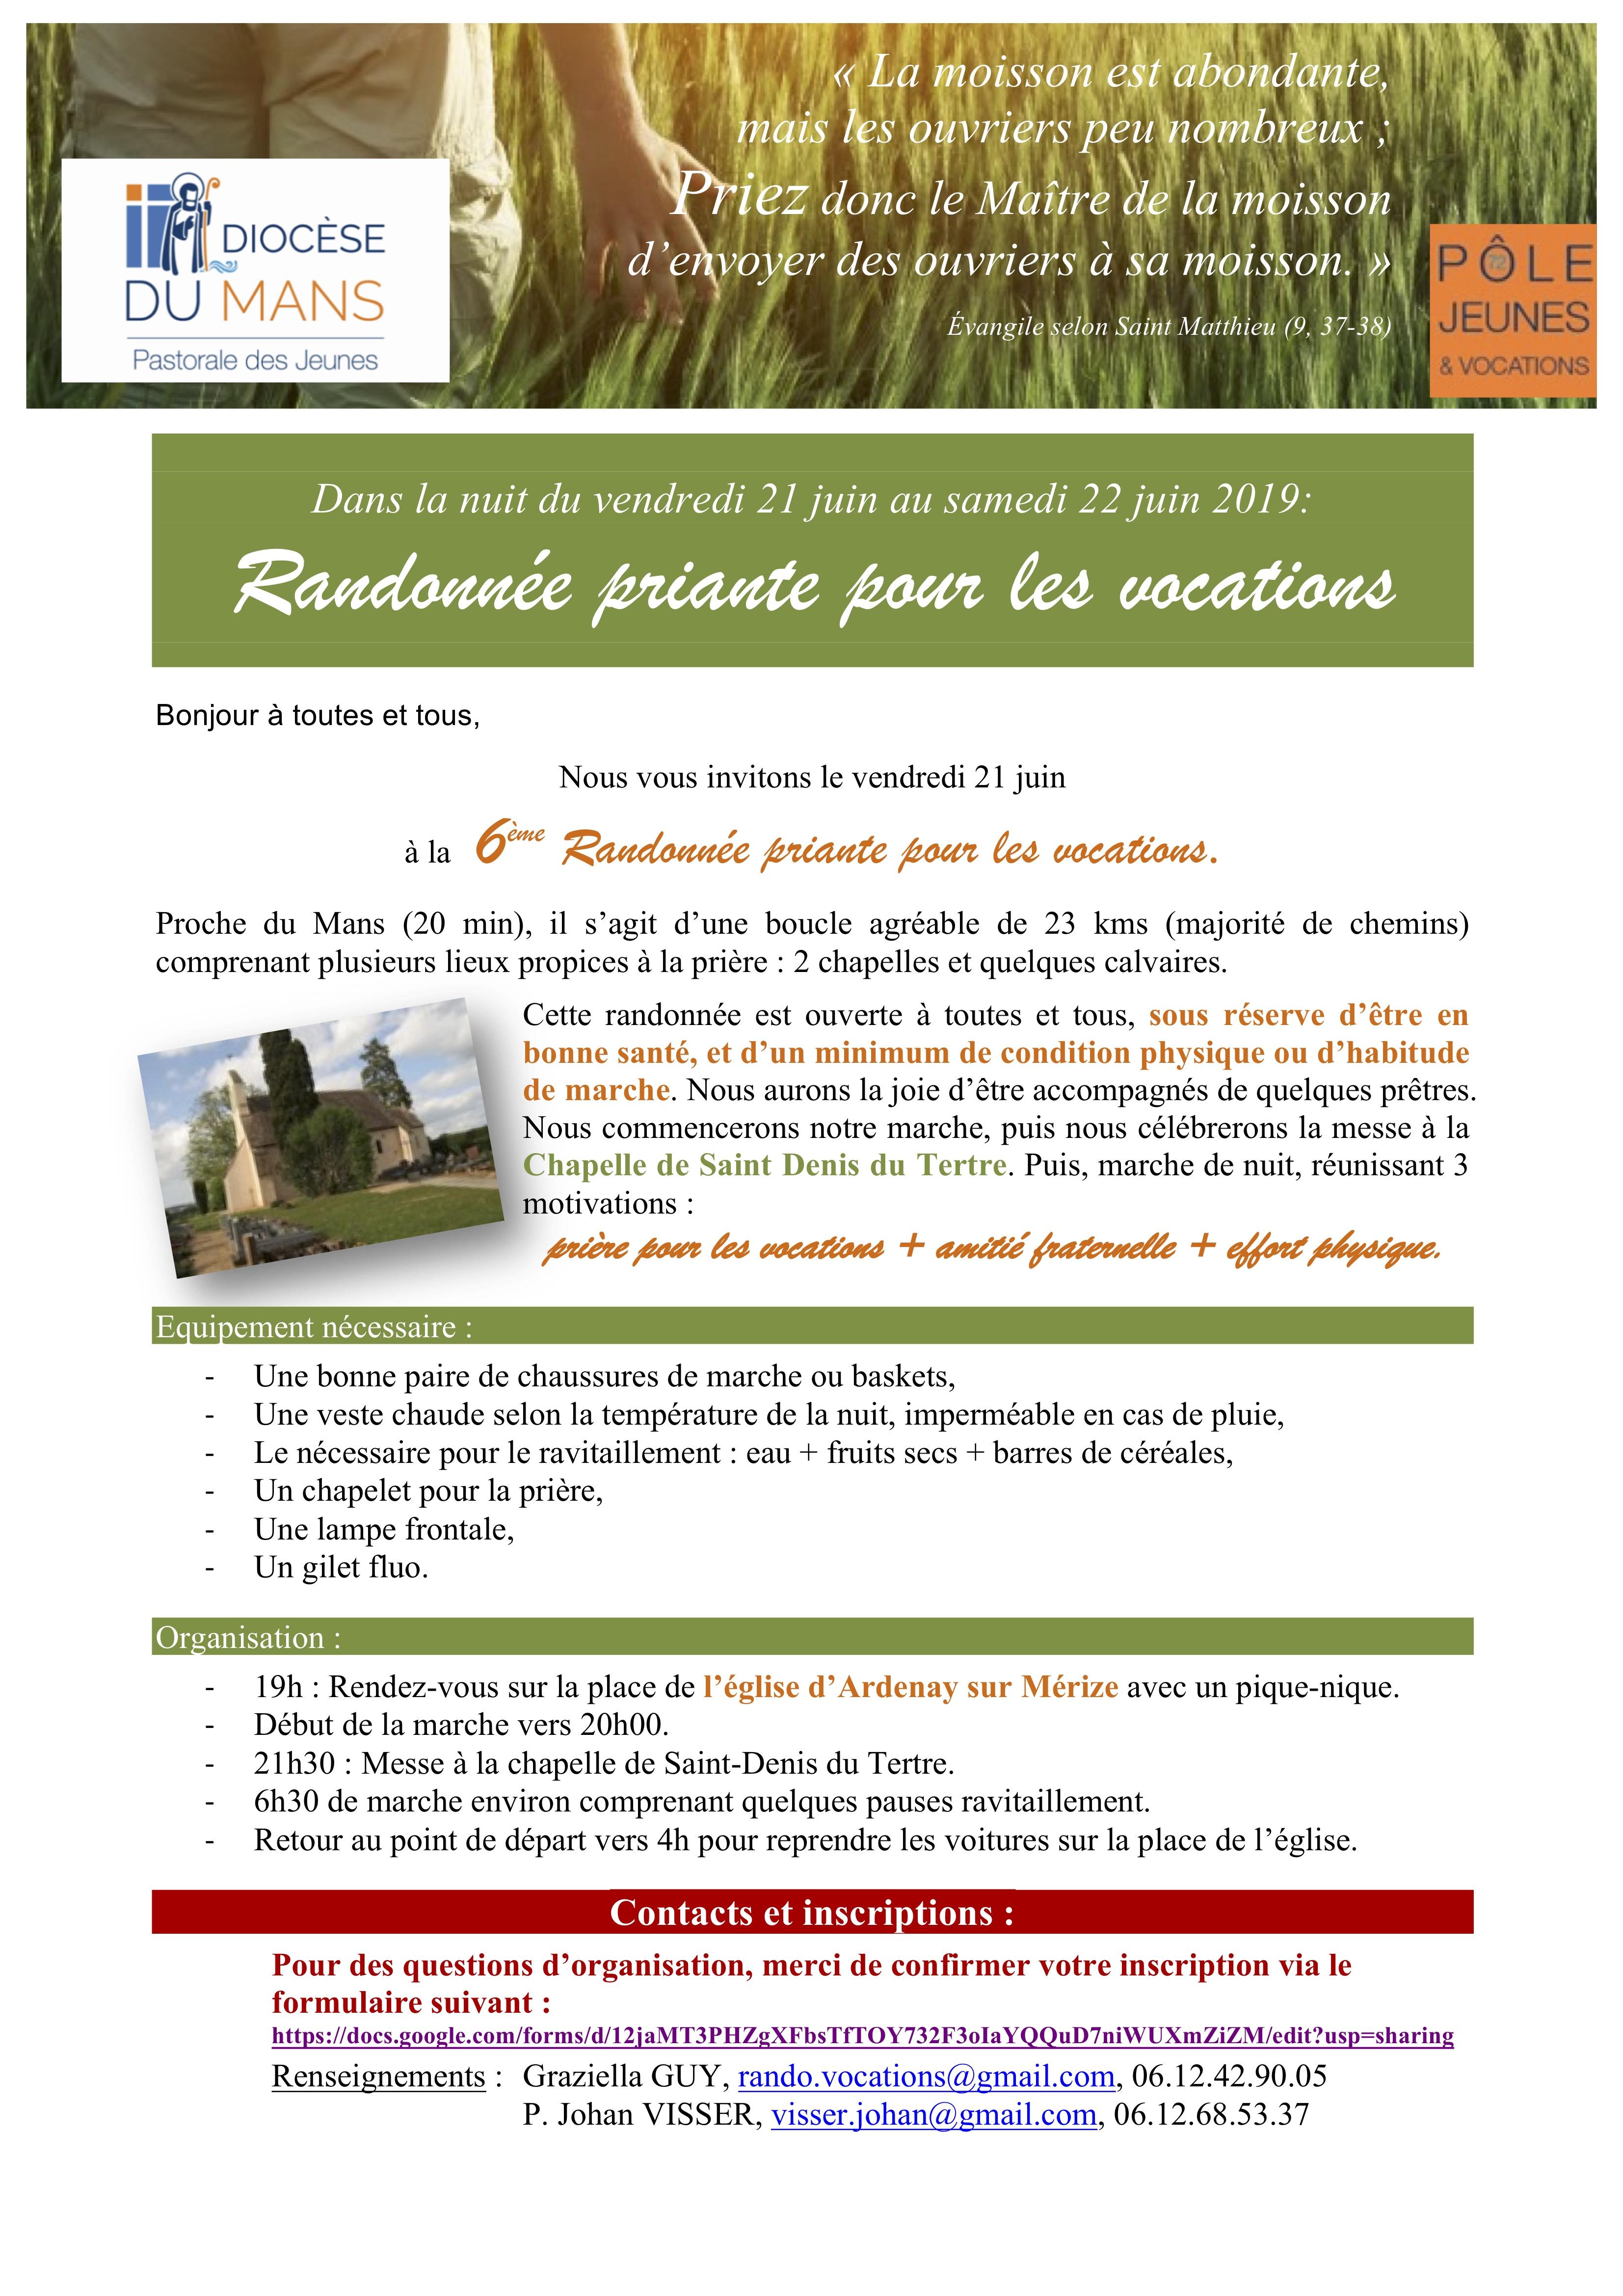 Randonnée nocturne pour les vocations: 21 juin 2019 à Ardenay-sur-Mérize (72)